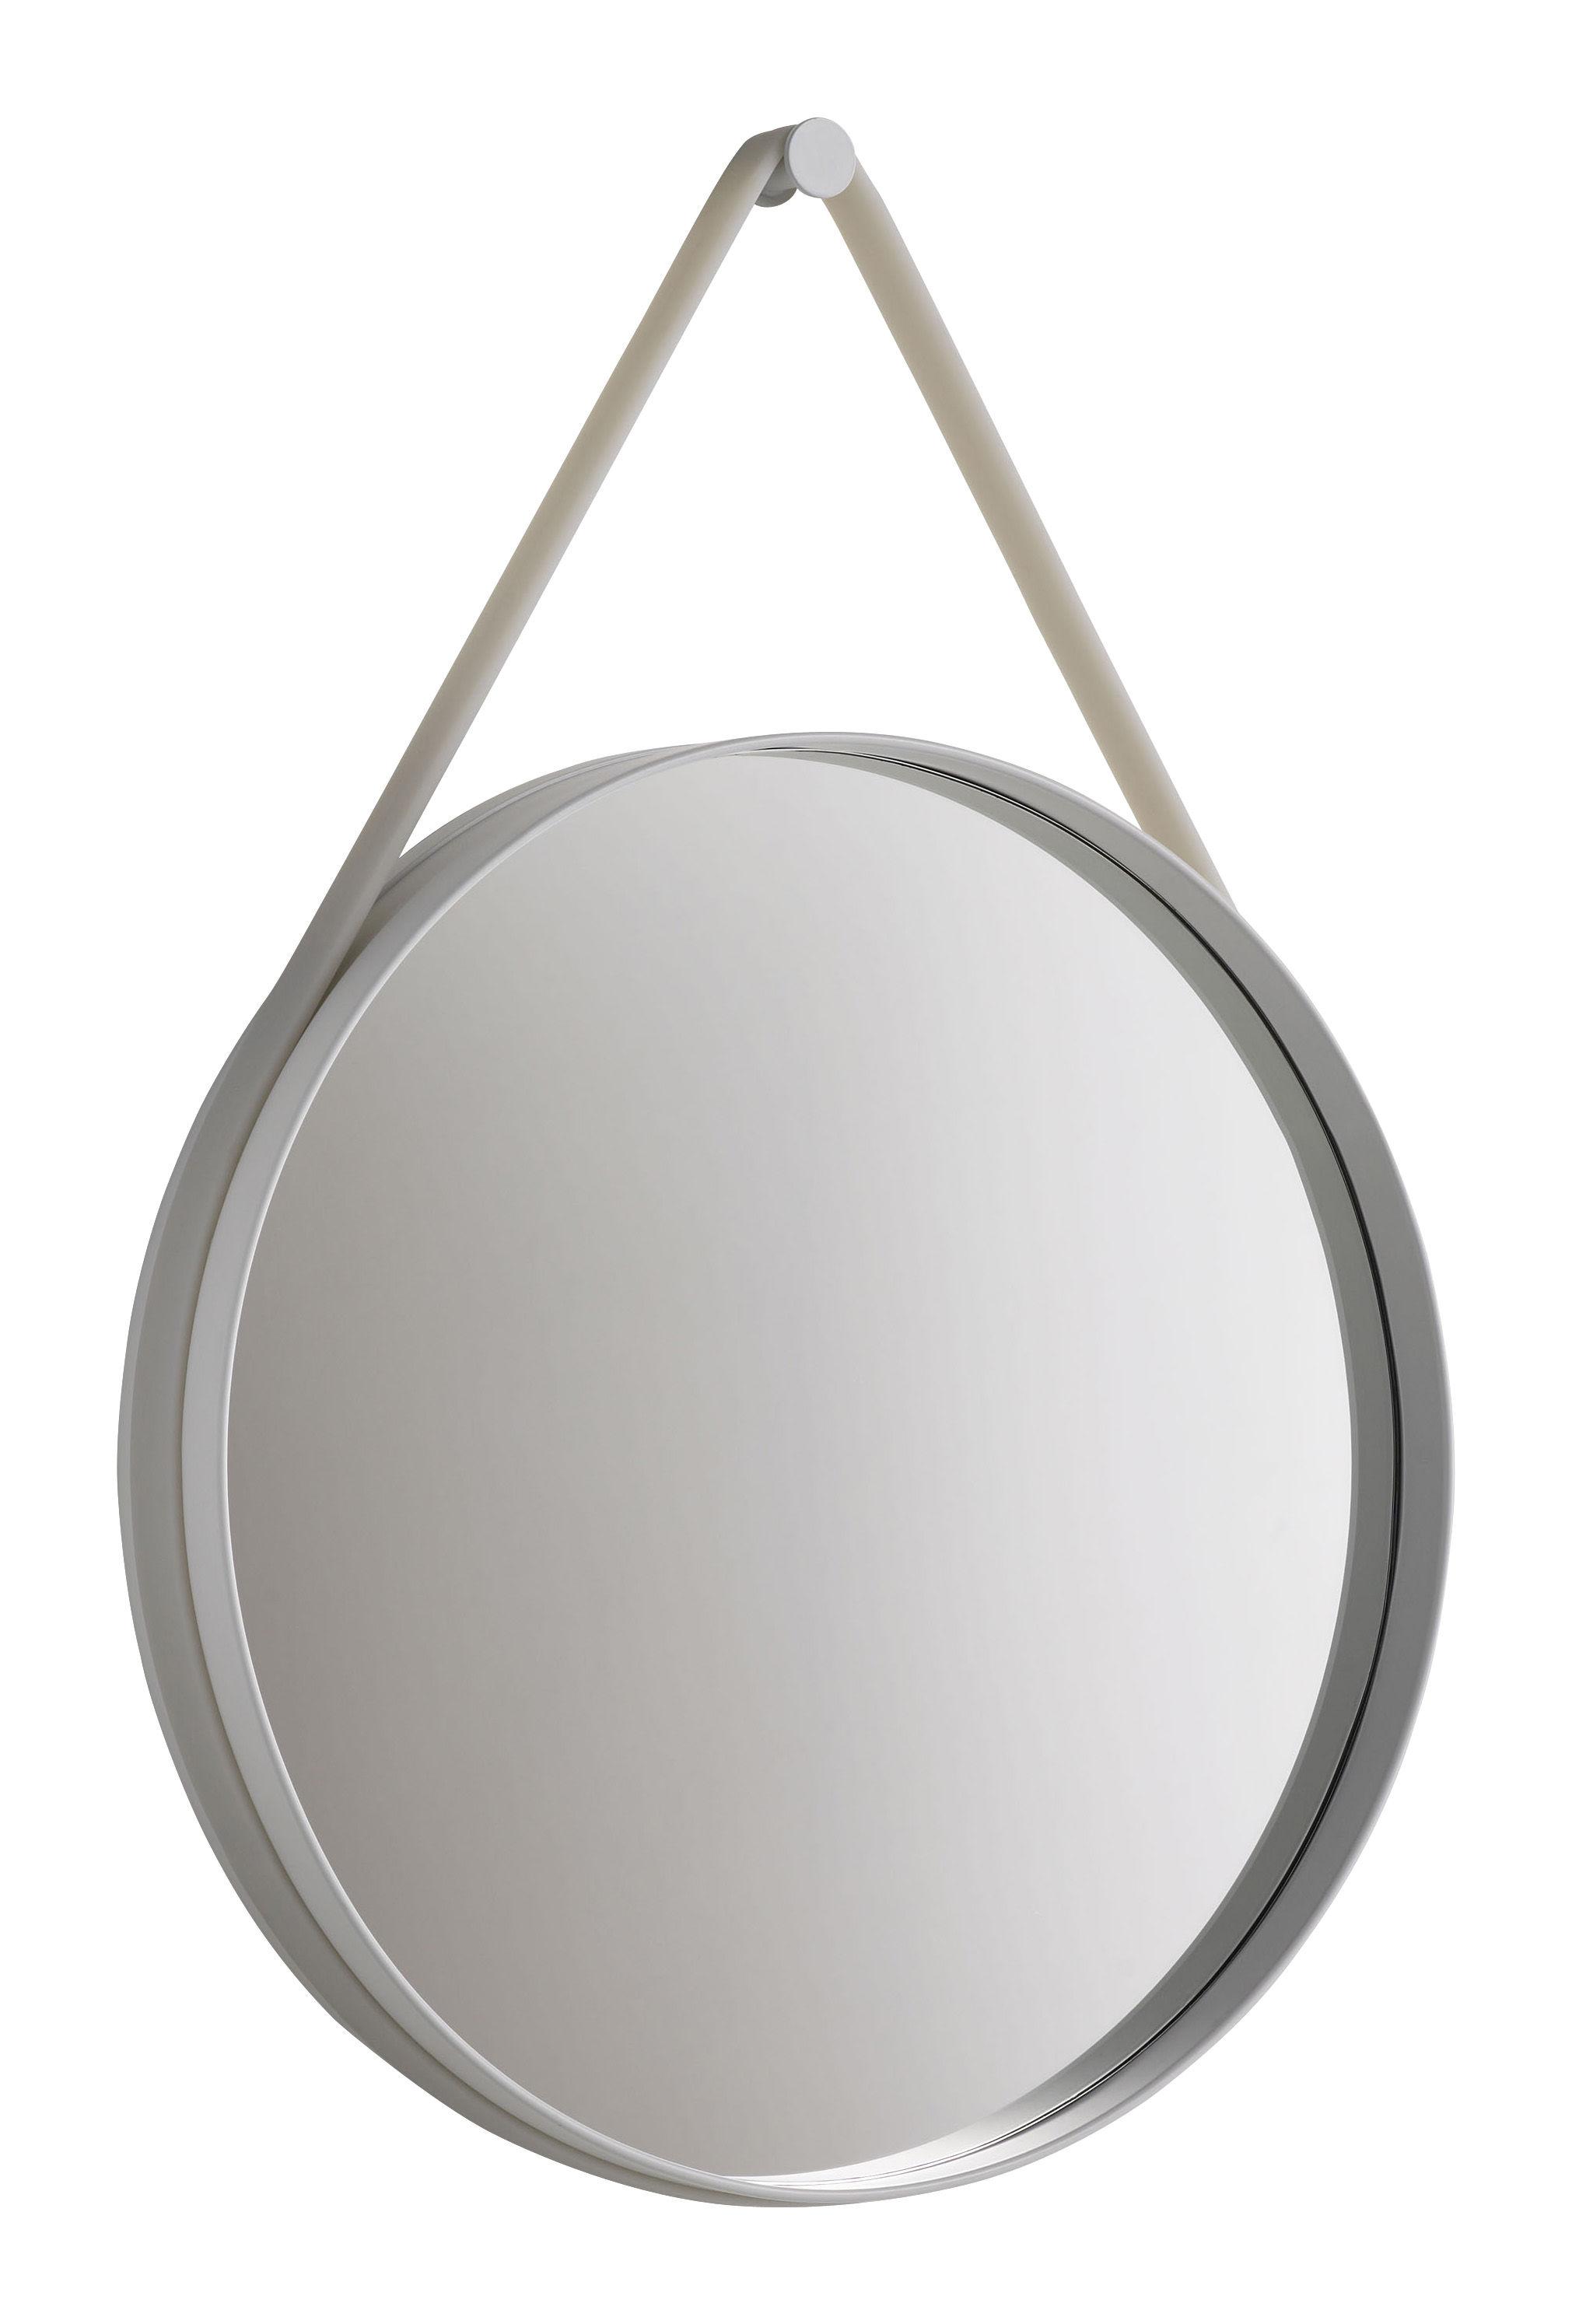 Strap Mirror - Hay